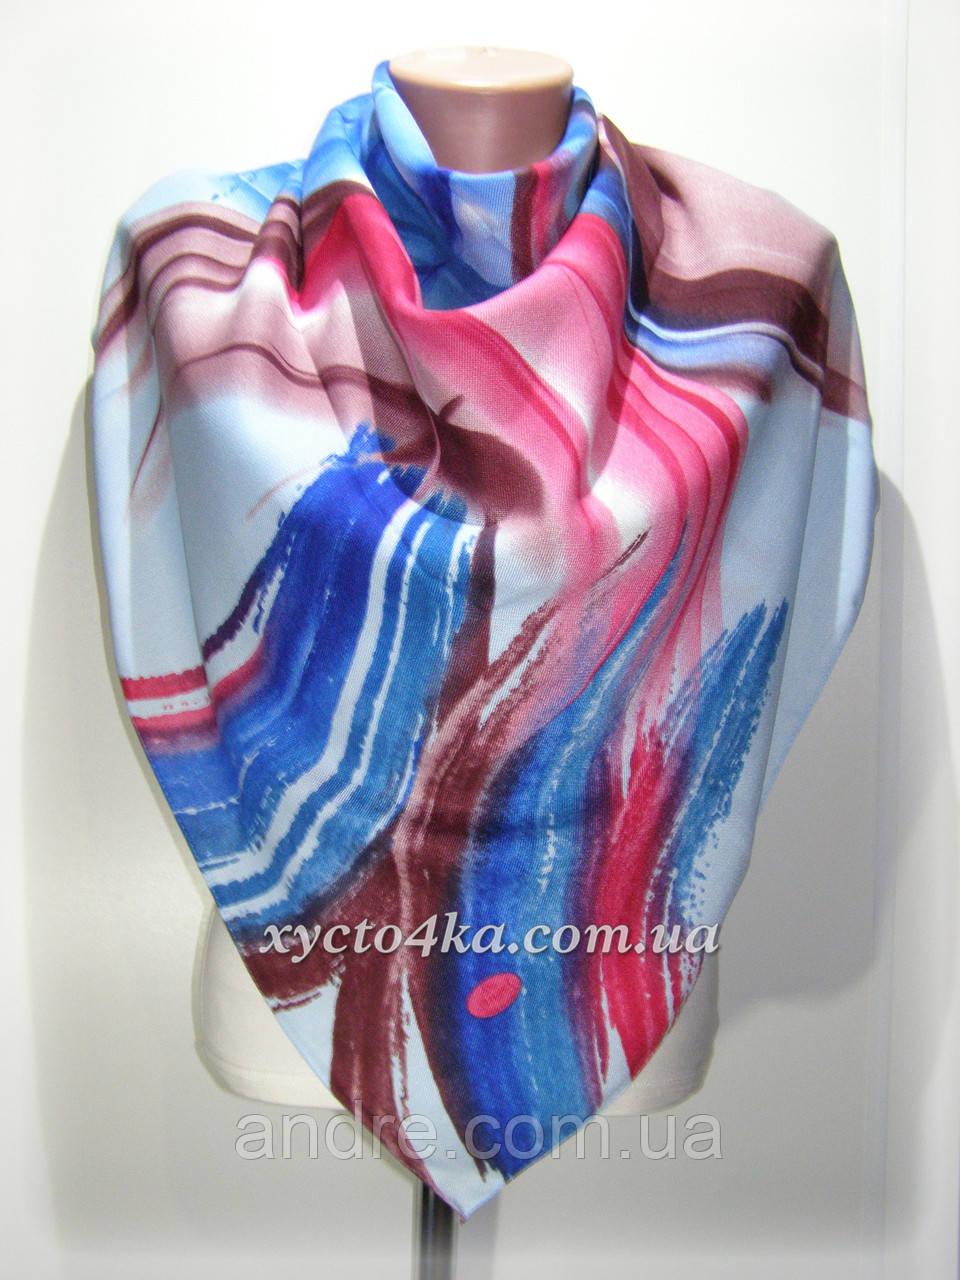 Кашемировый платок Акварель, голубой